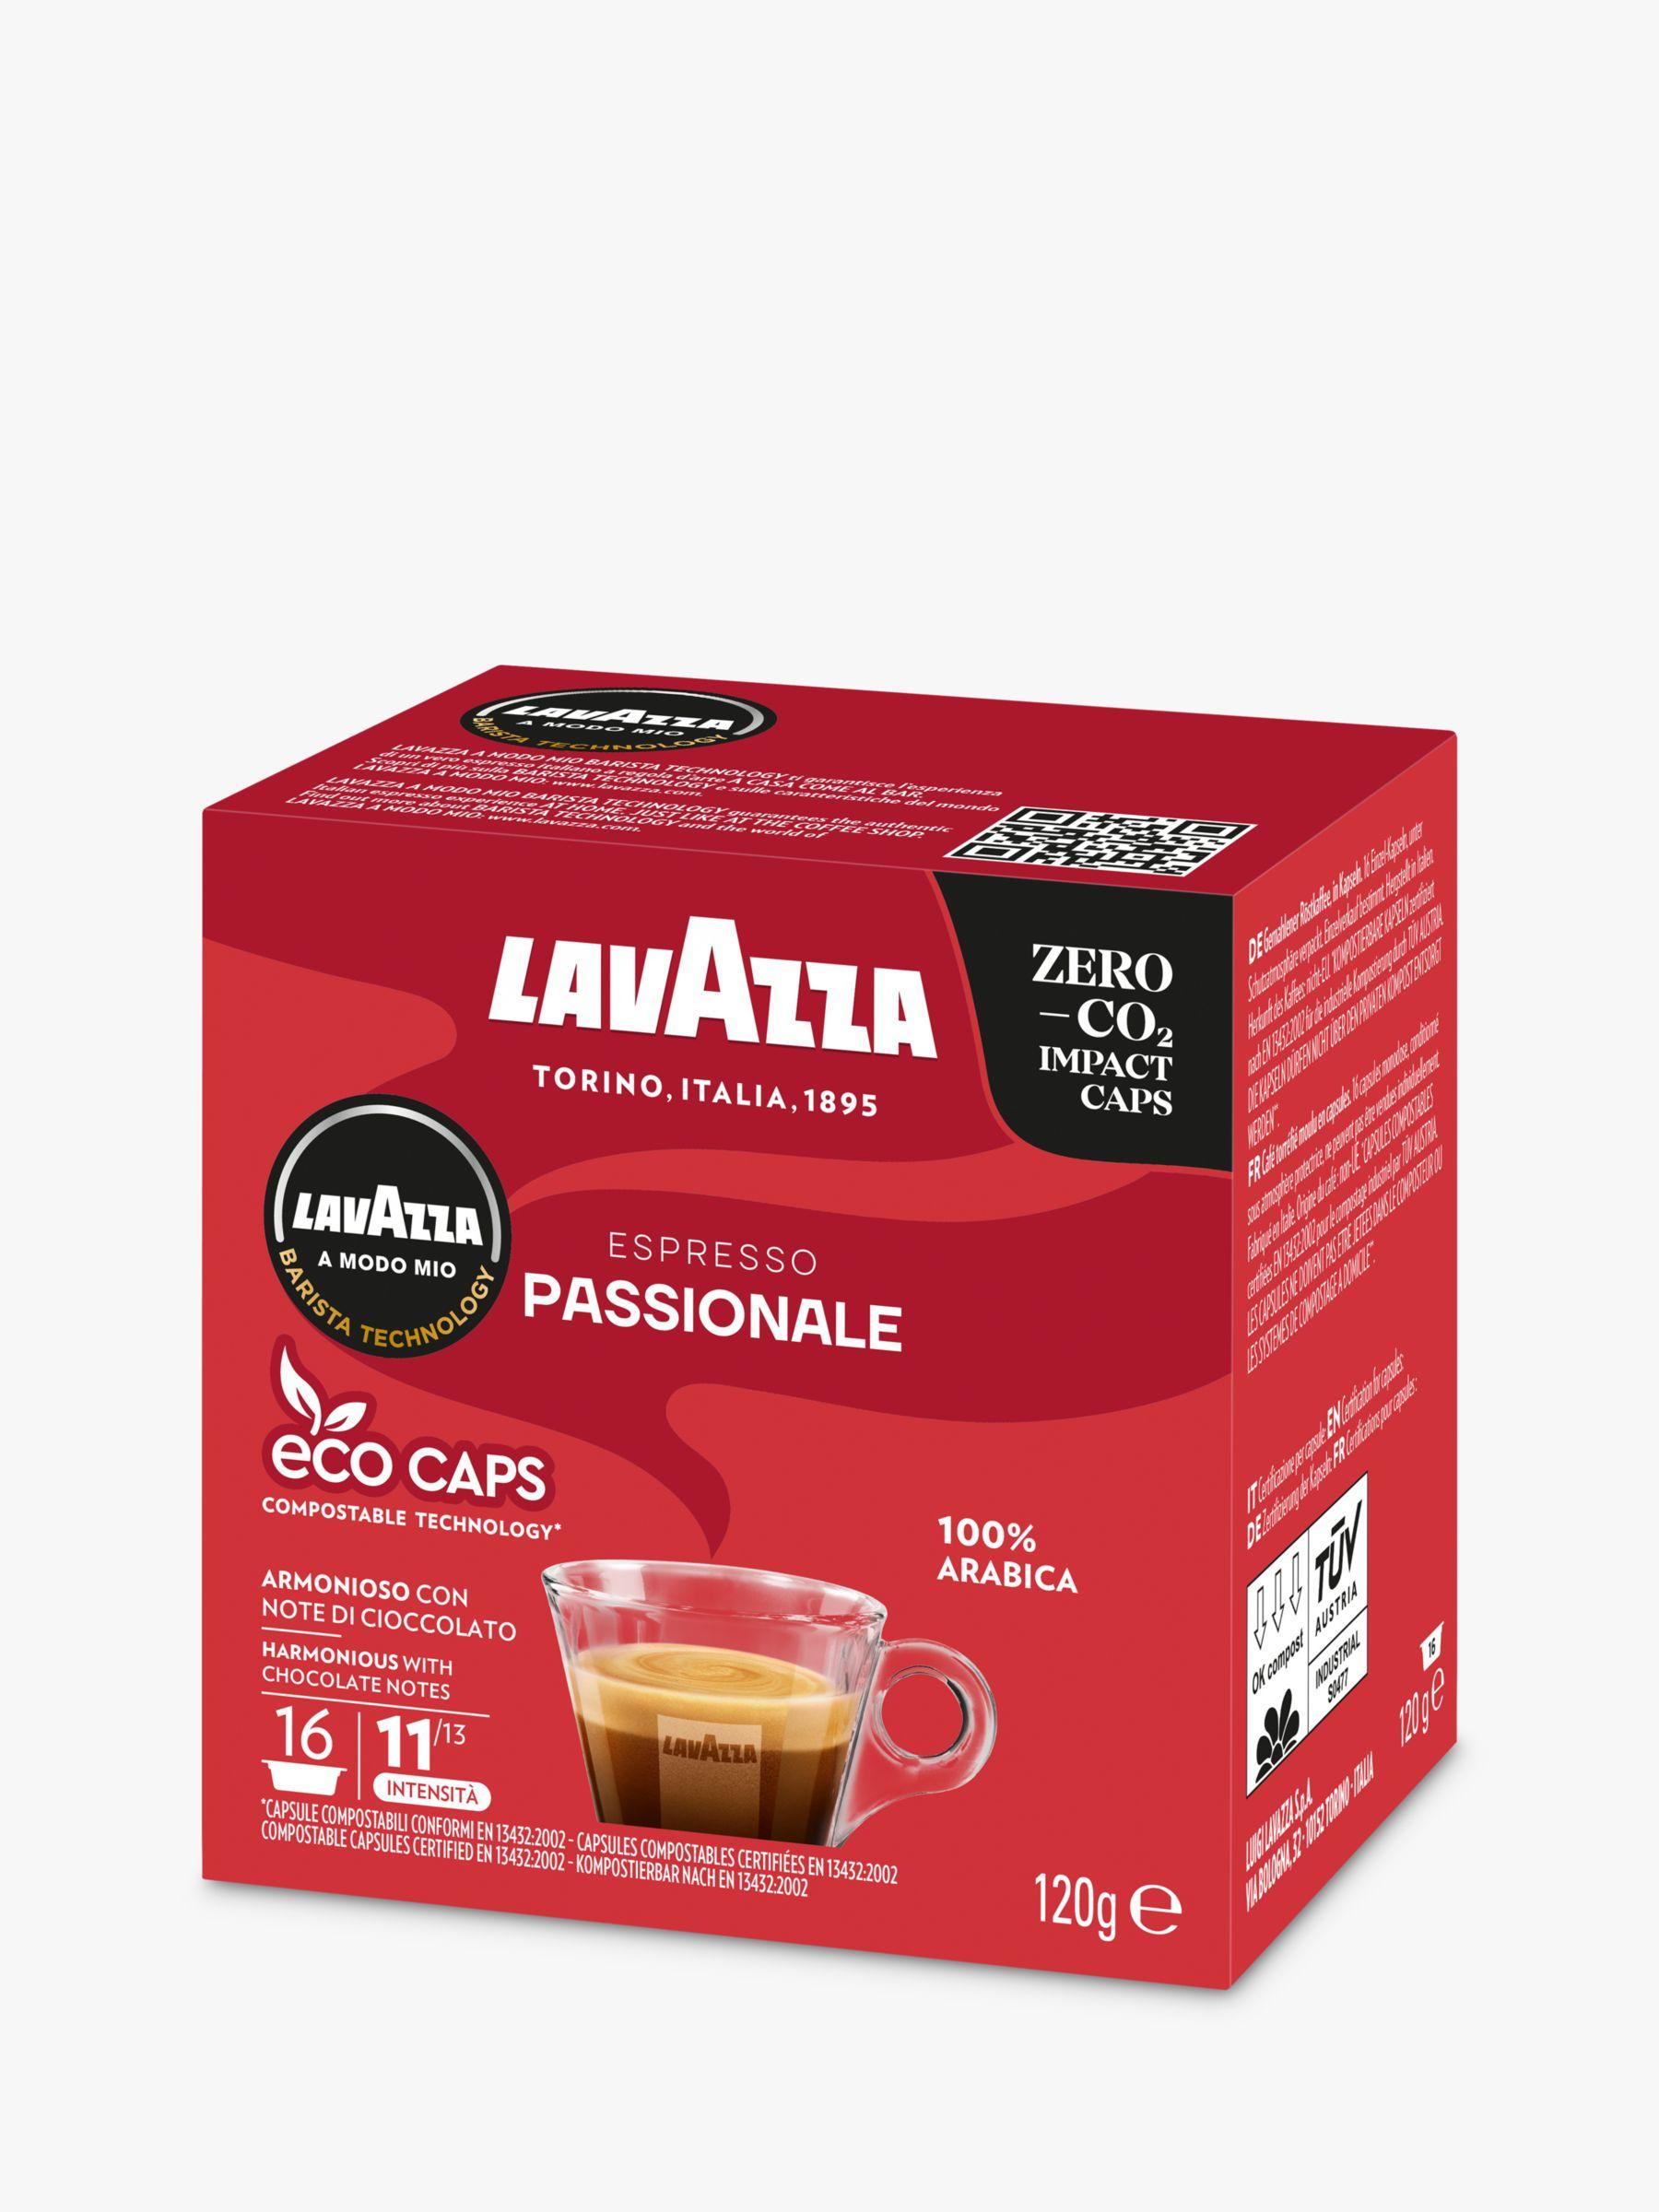 Lavazza Lavazza Passionale A Modo Mio Espresso Eco Capsules, Pack of 16